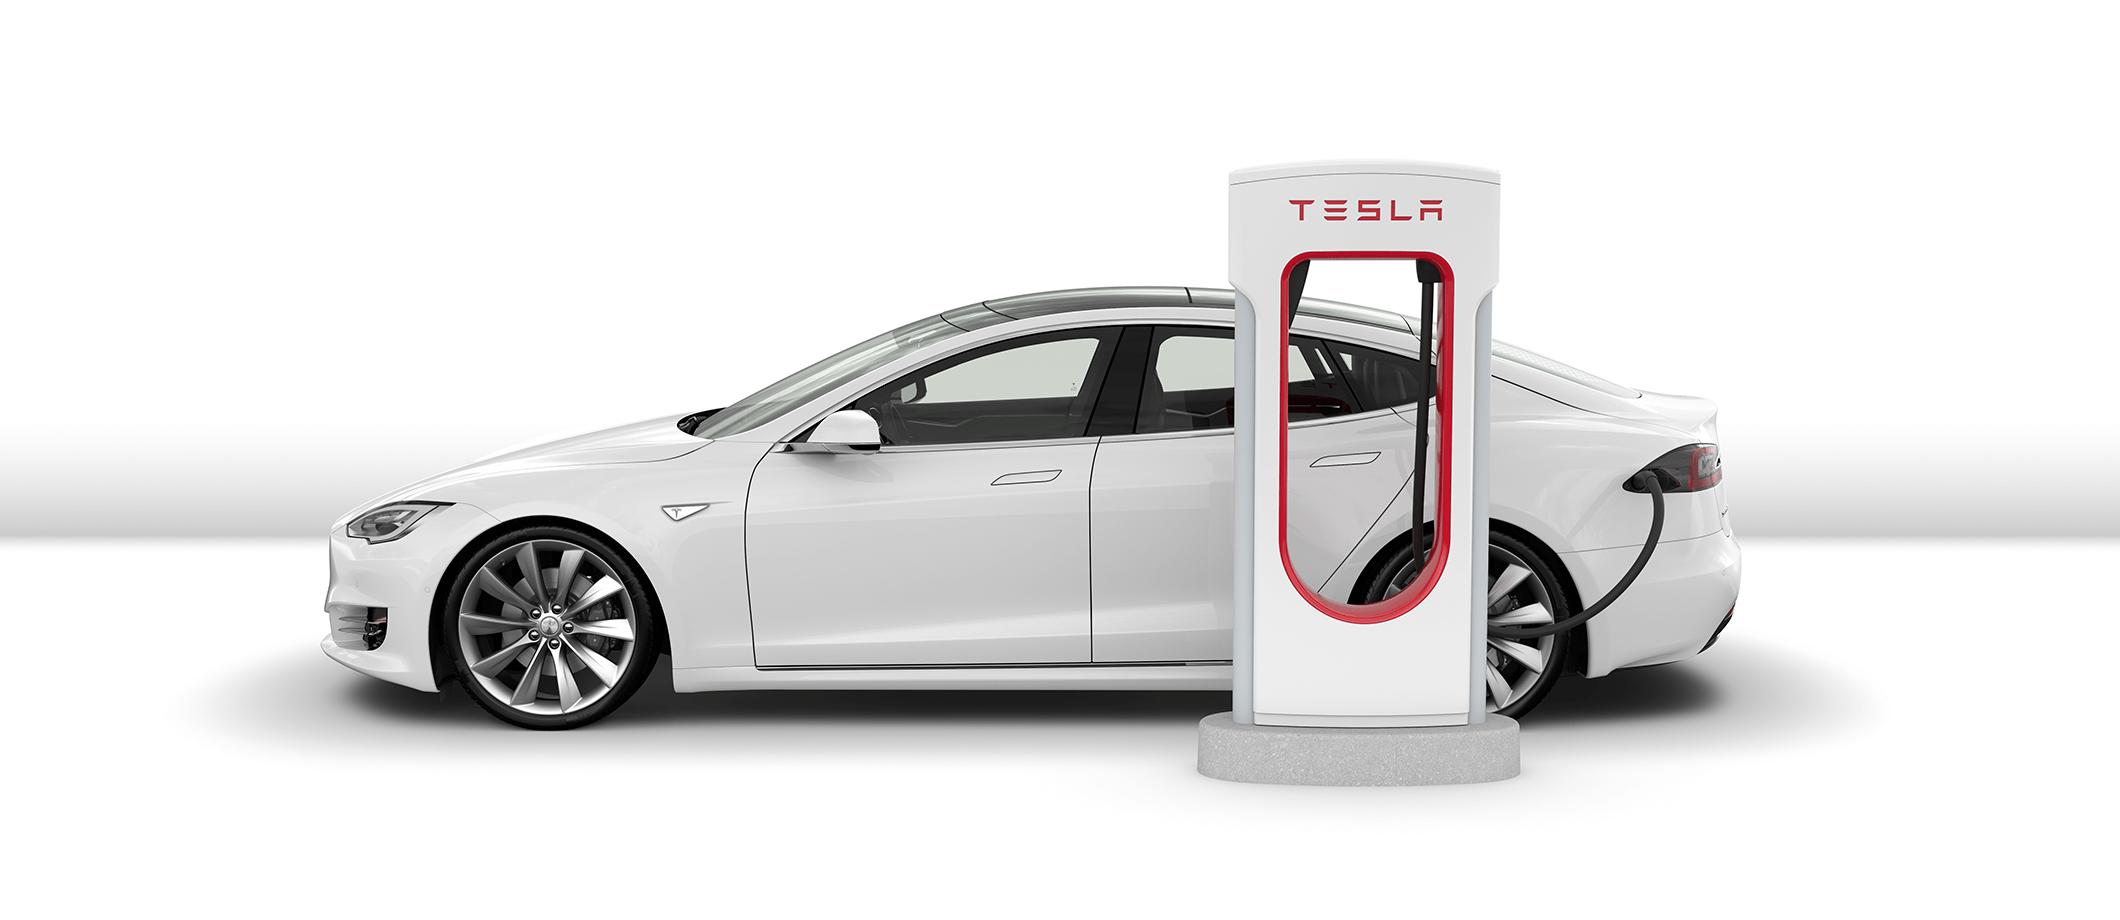 Tesla Va Mettre 224 L Amende Les Squatteurs De Superchargers Ere Num 233 Rique